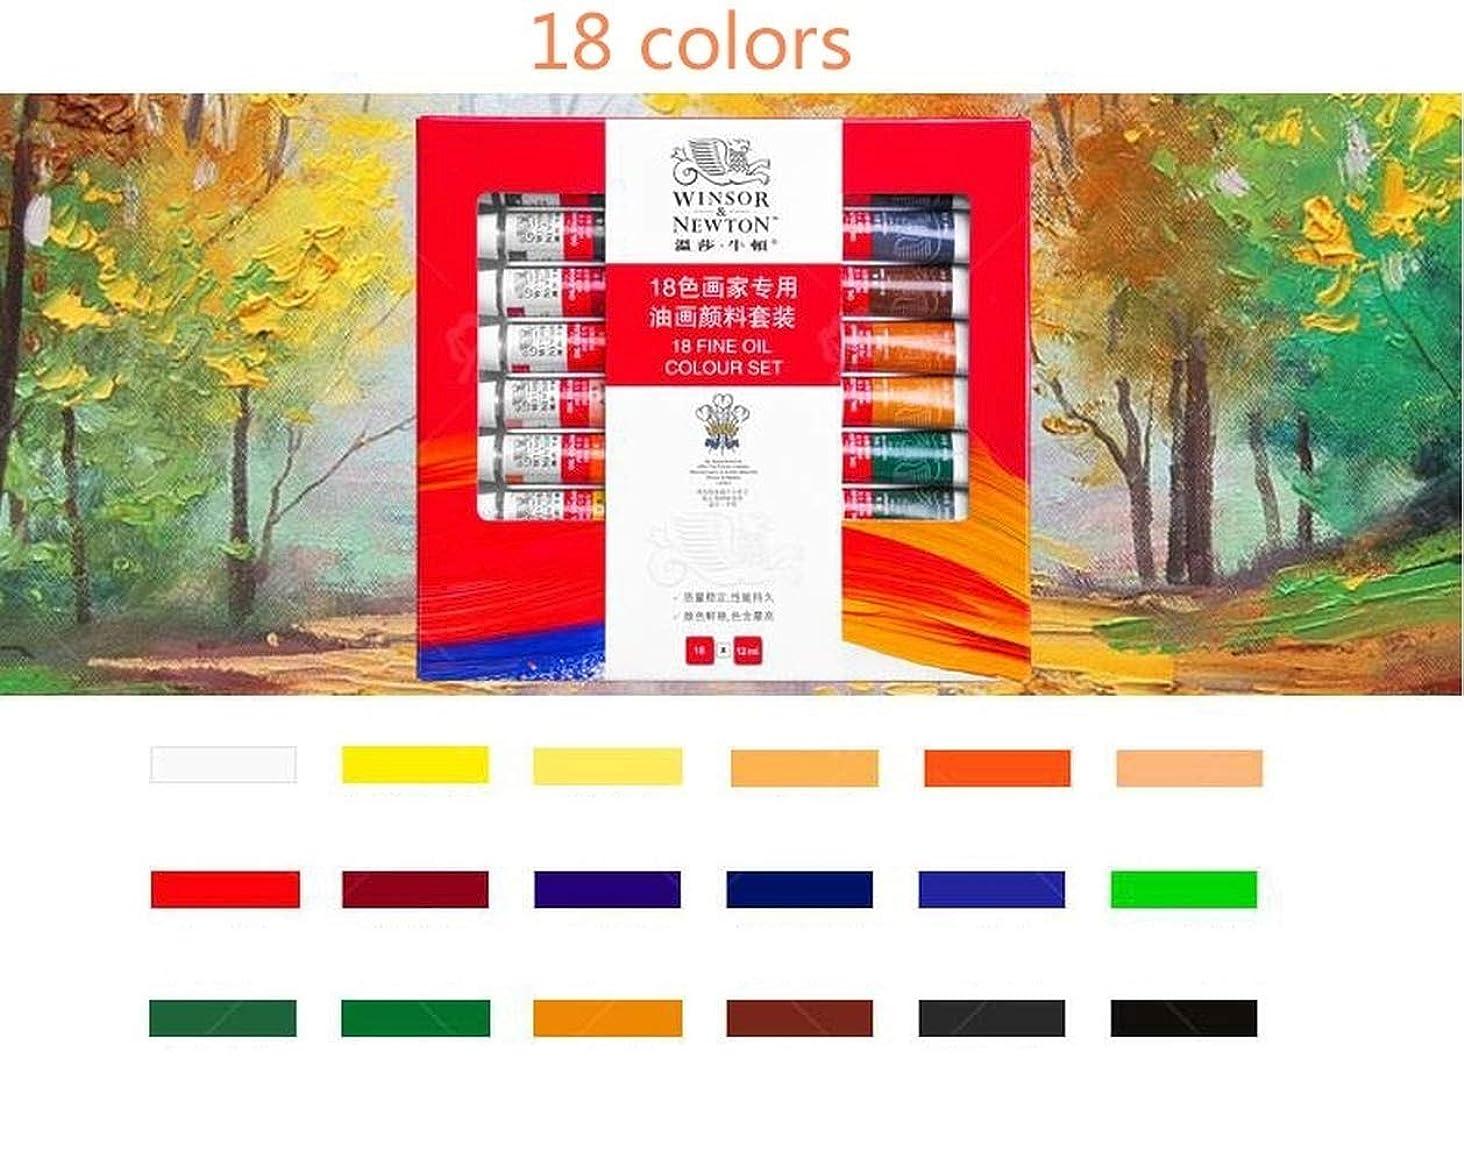 カフェ嫌がらせ方法論Winsor&Newton 12/18色 プロ用油絵 高品質油絵 アーティストペインティング